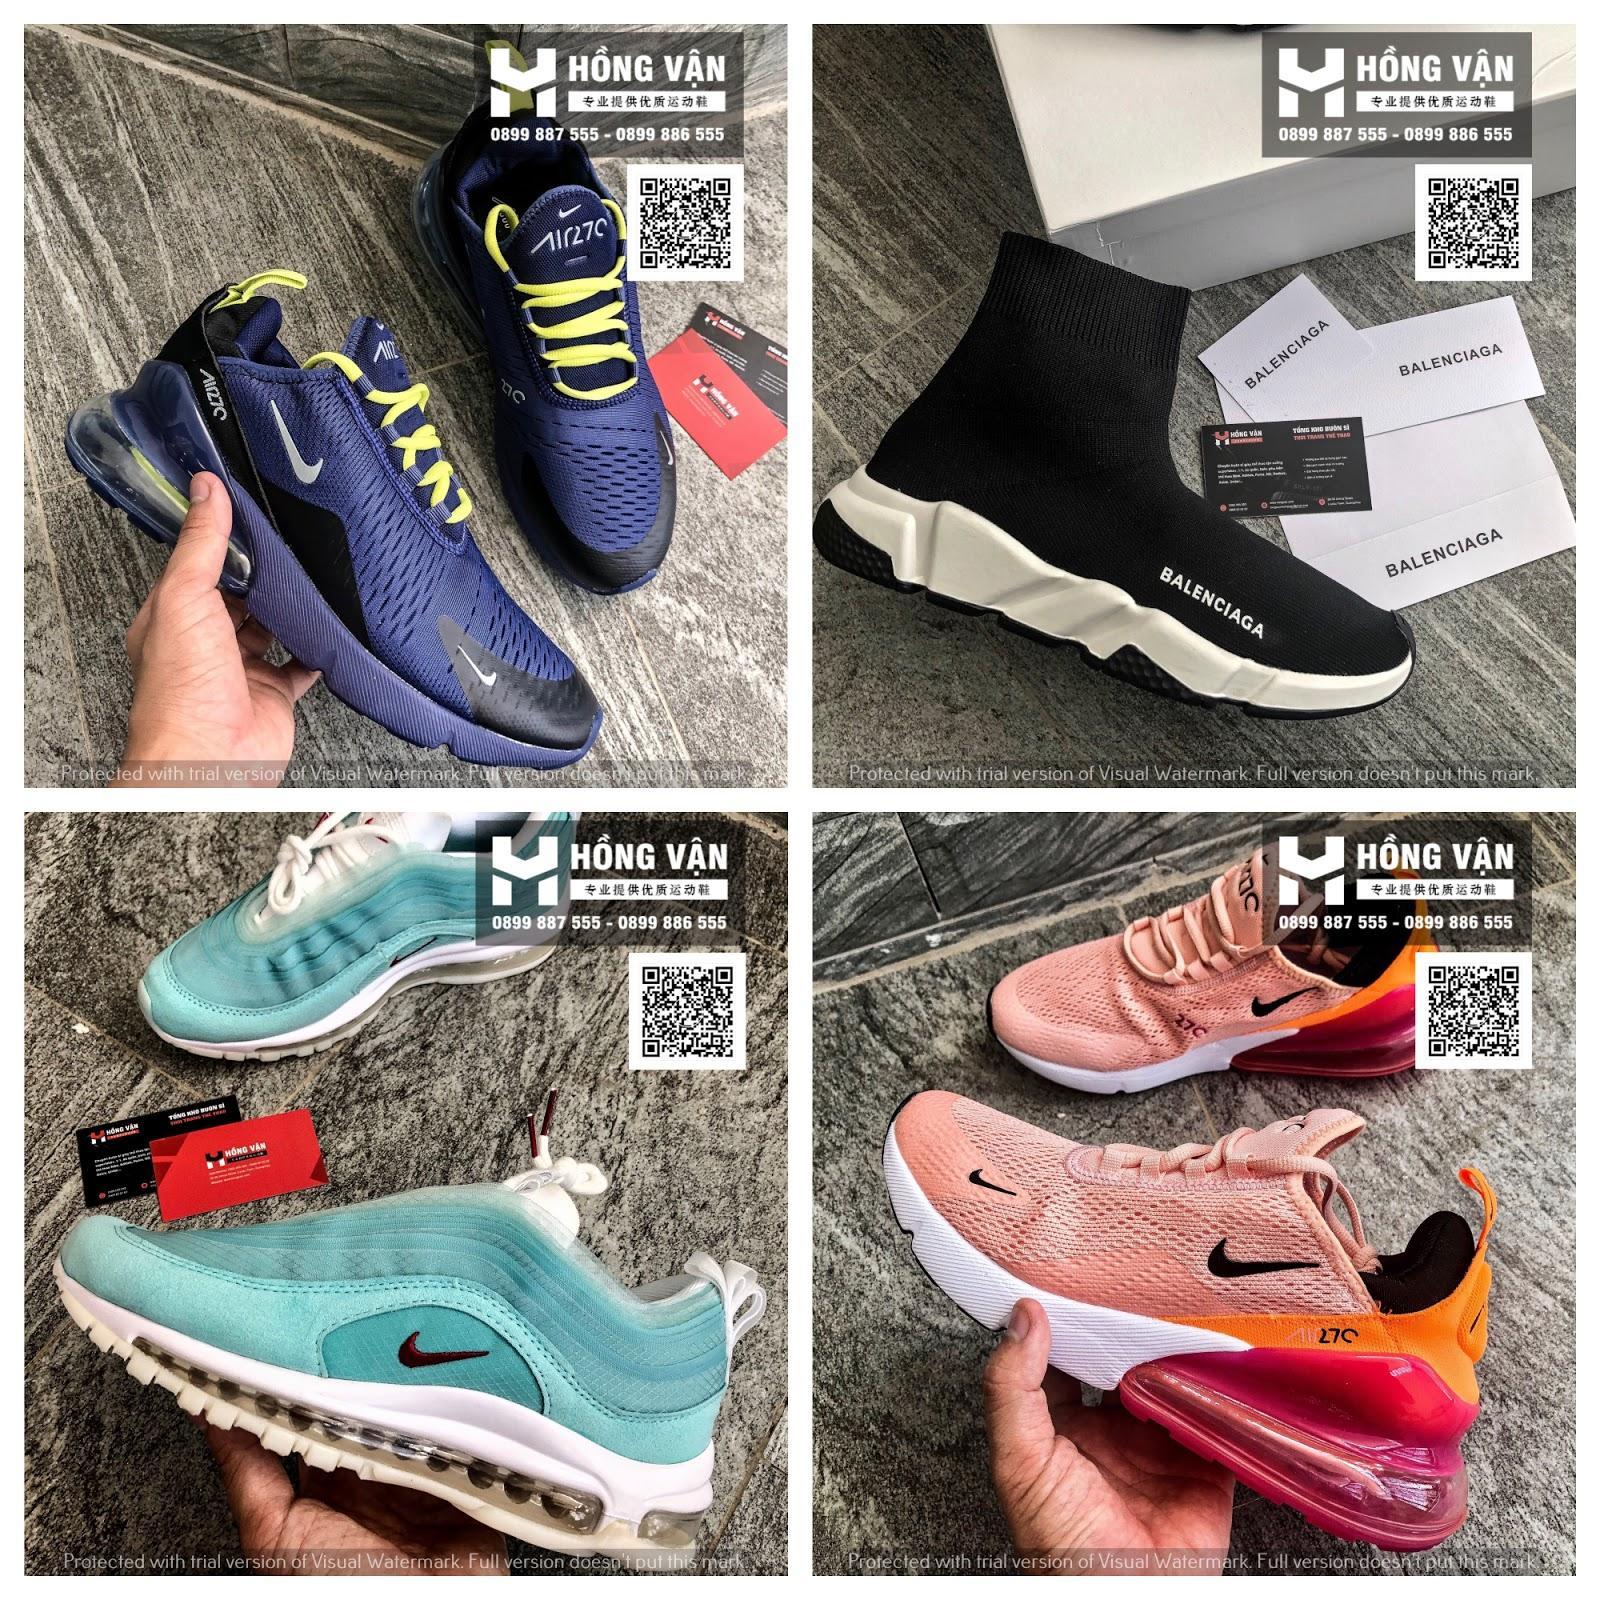 Hồng Vận - Chuyên buôn sỉ giày thể thao uy tín chất lượng, giá cả phải chăng